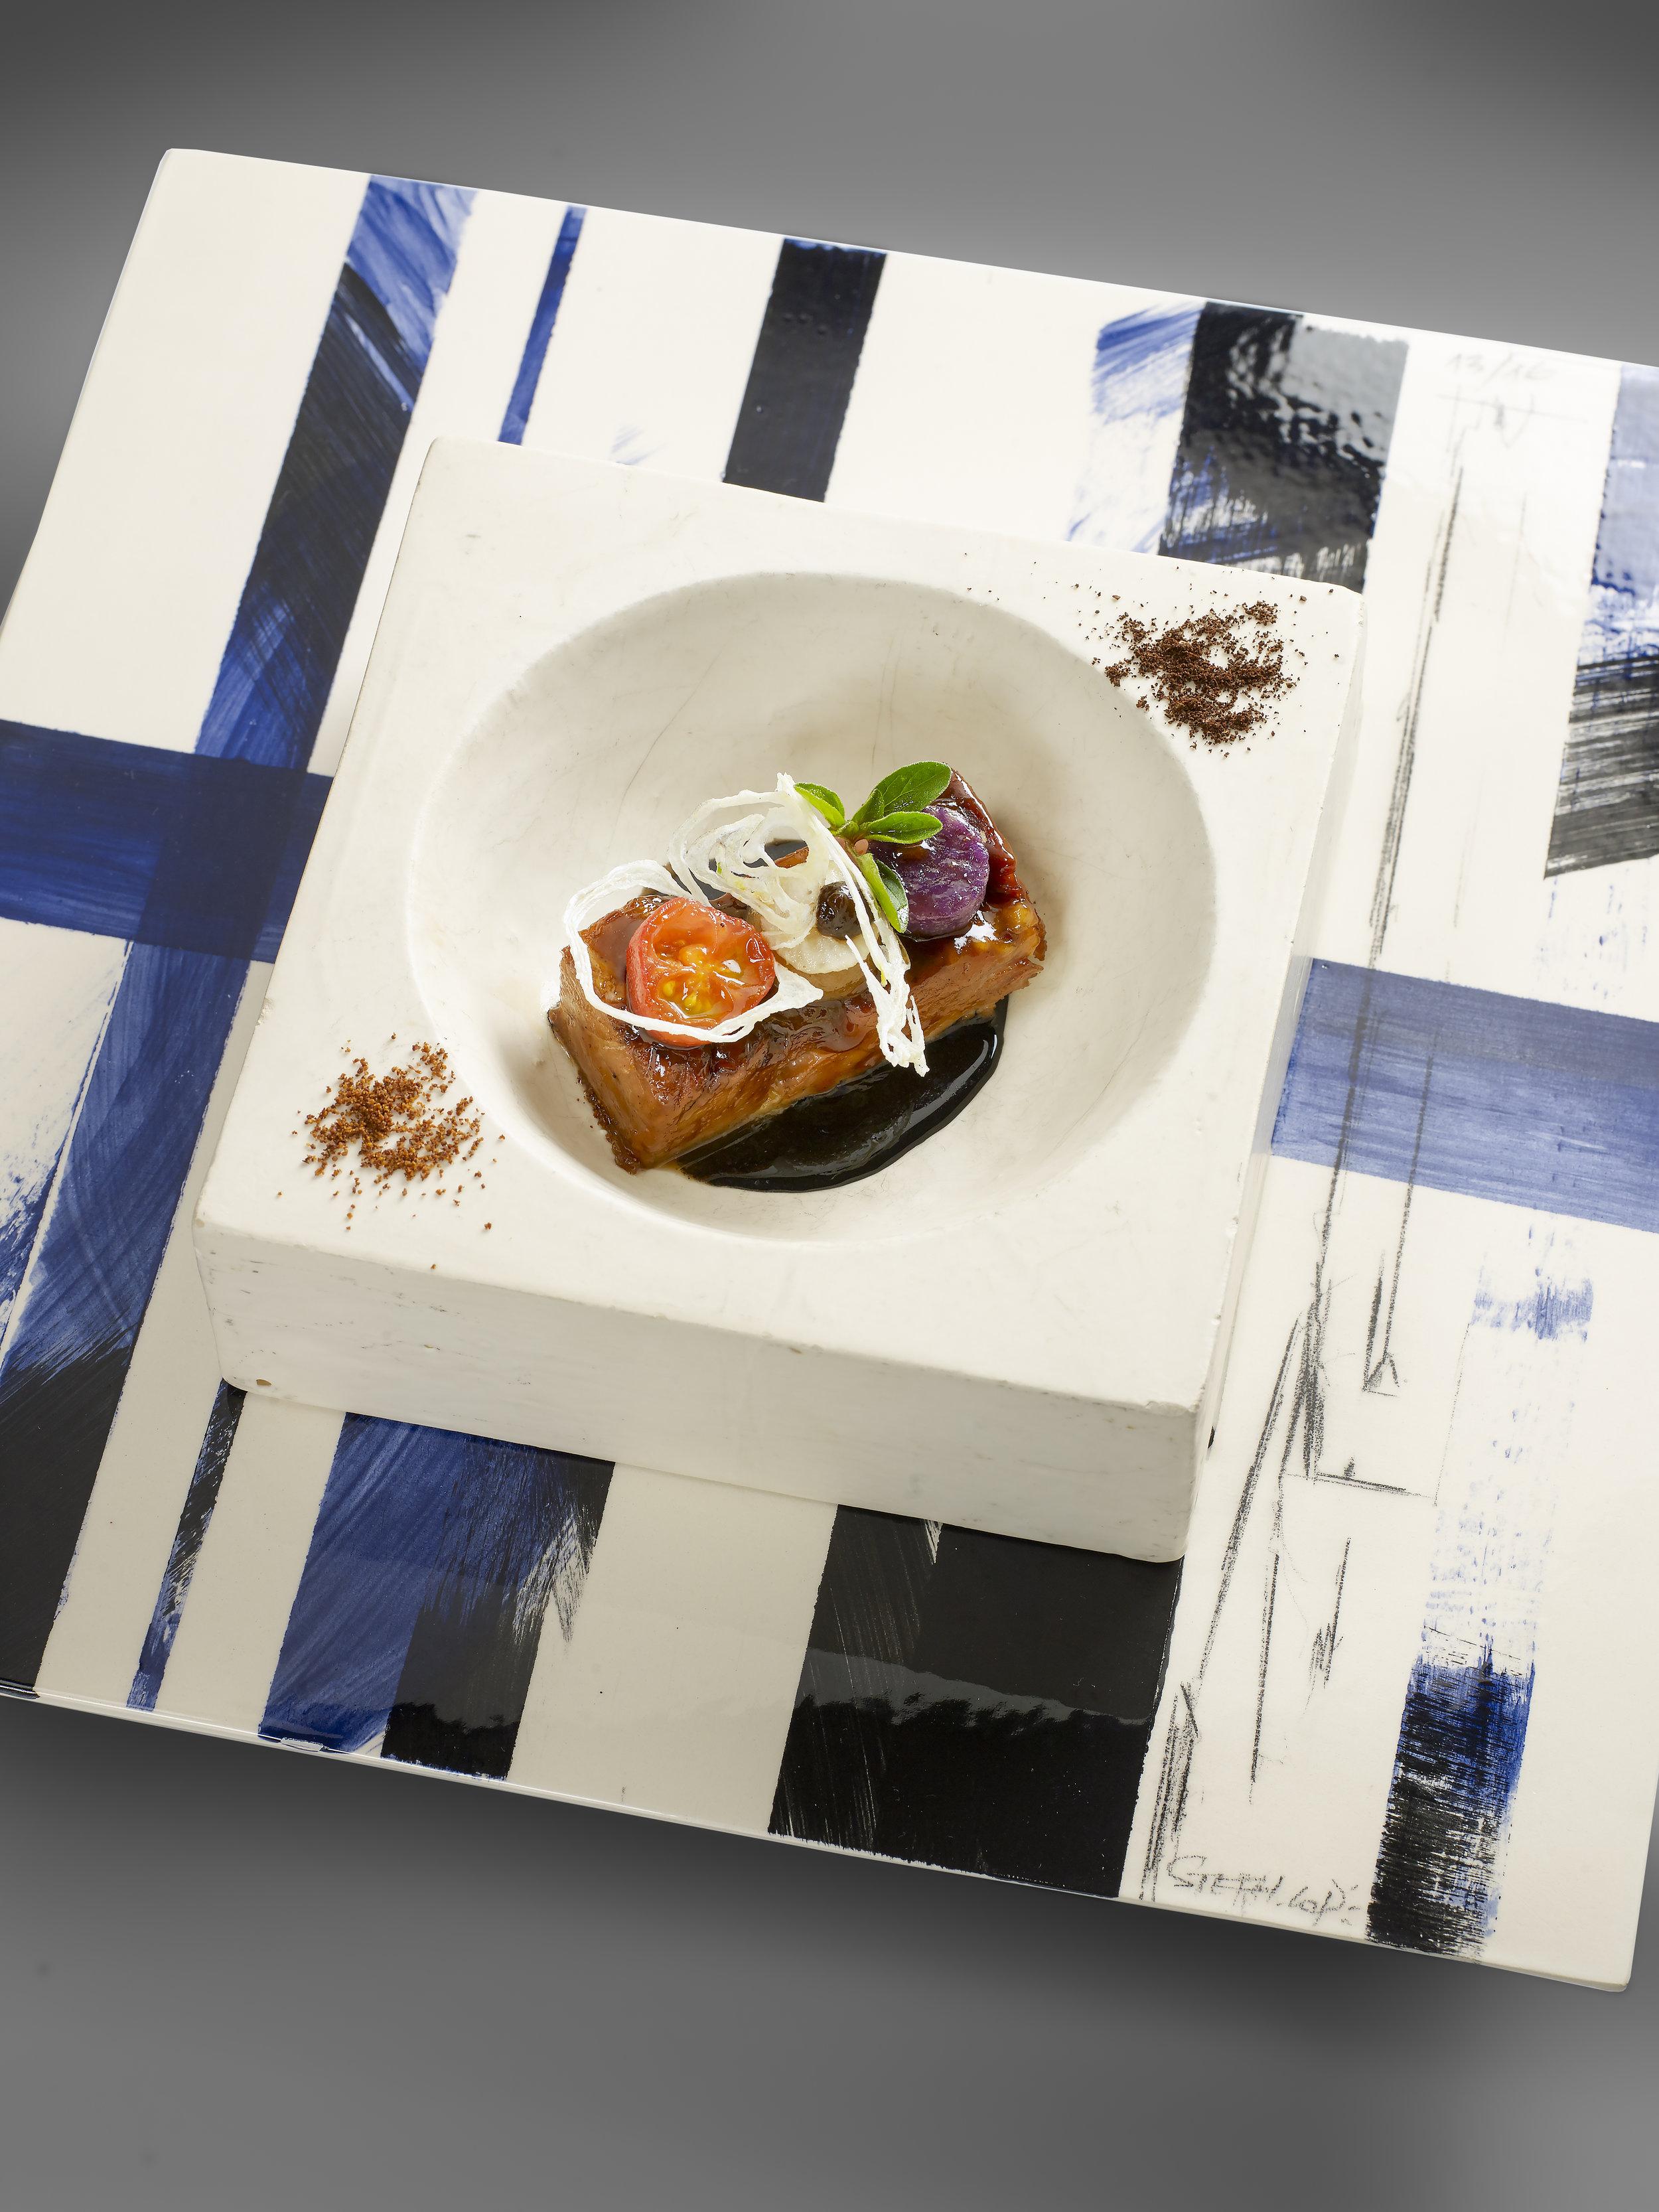 Artiste Steph Cop pour La Palme D'Or - Restaurant 2 étoiles Cannes